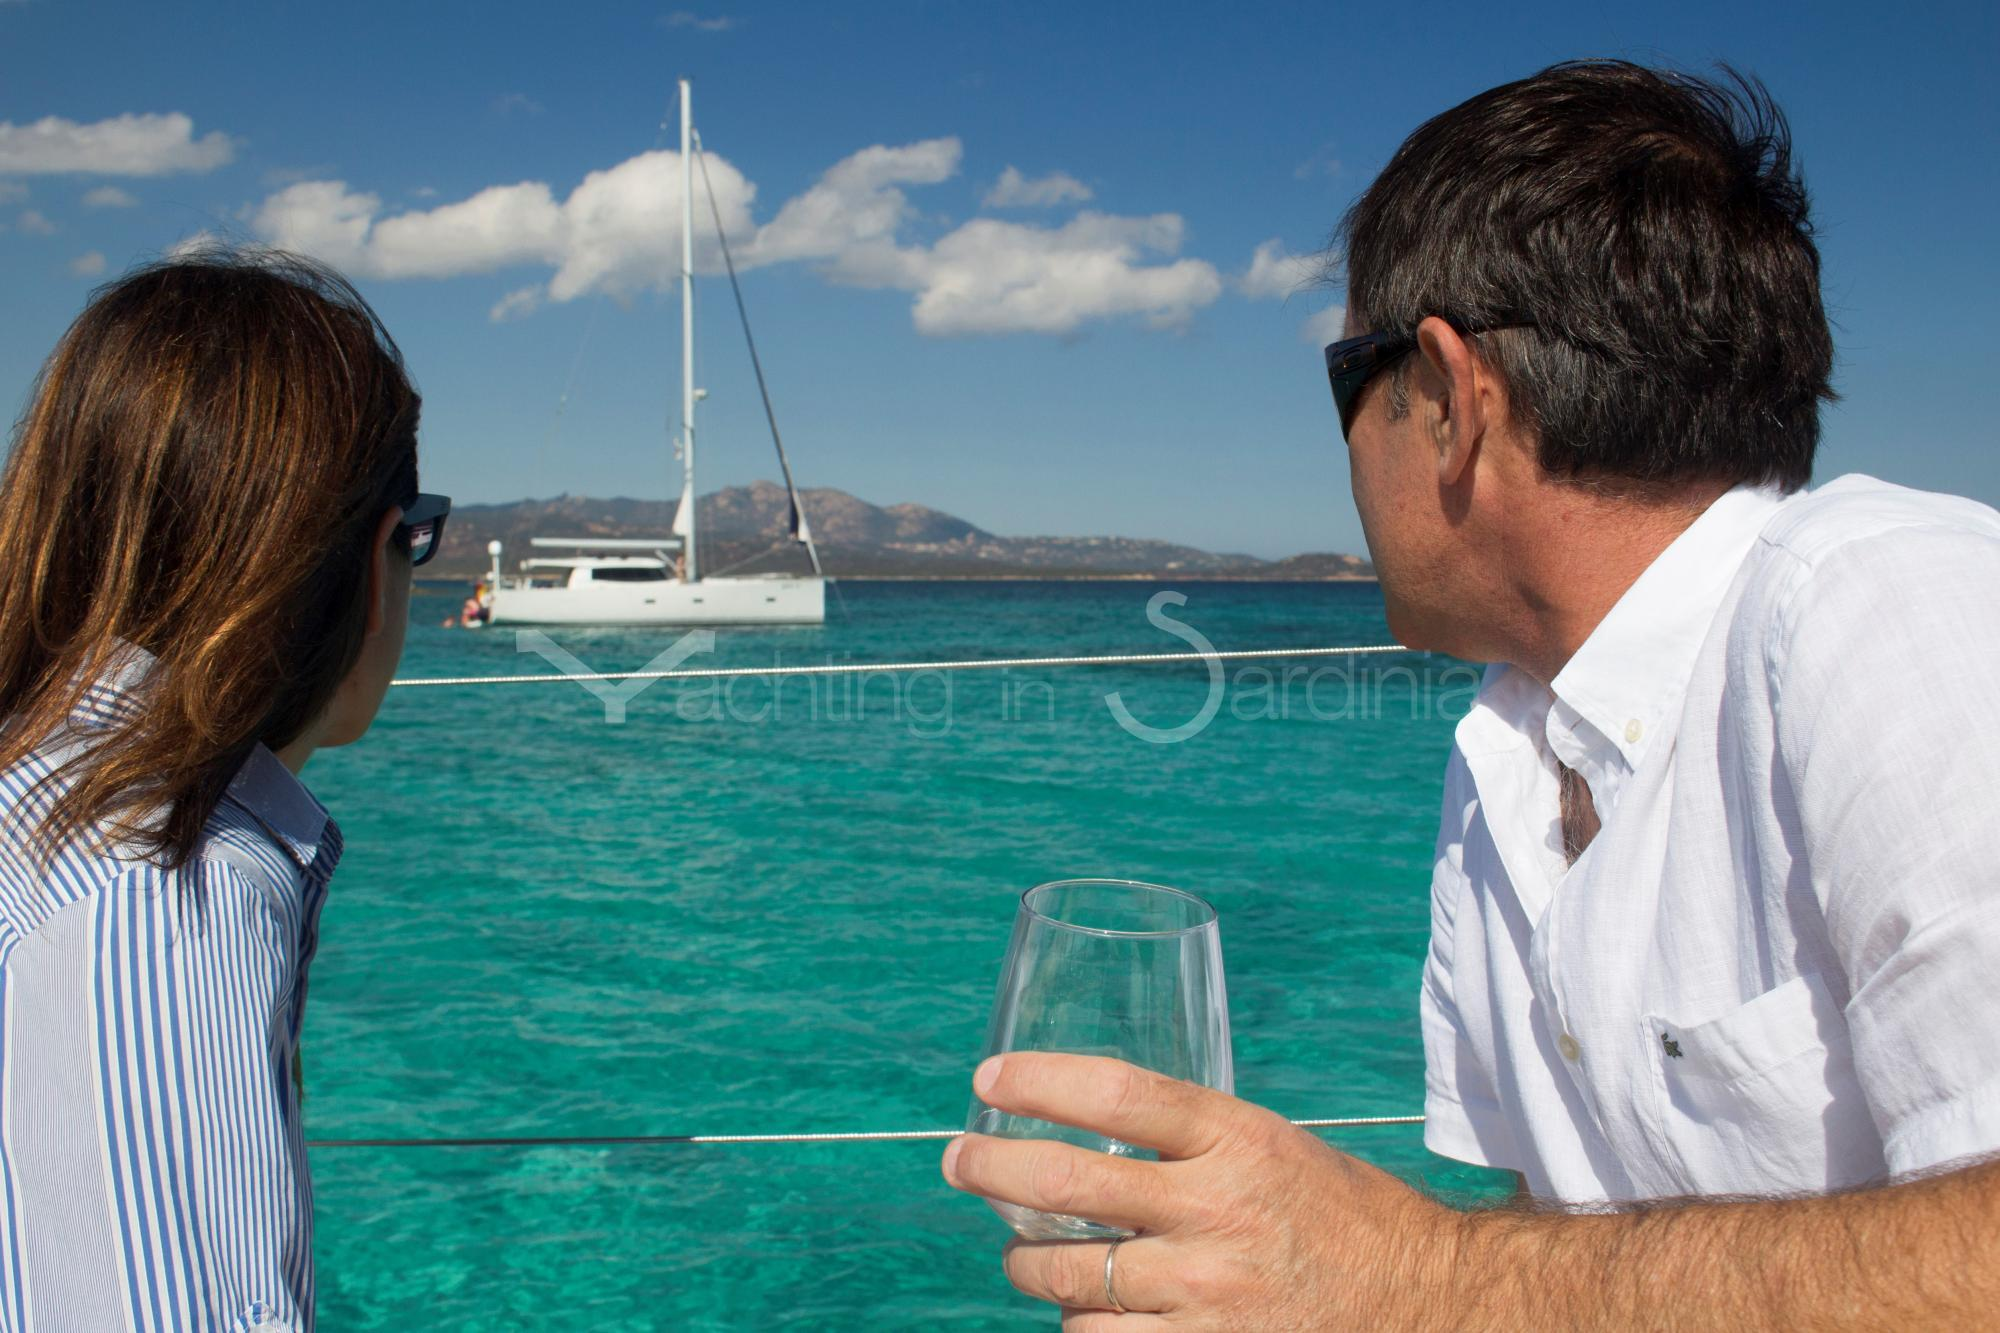 😍🌊 Sailing Holidays in Sardinia & Corsica 😍🌊